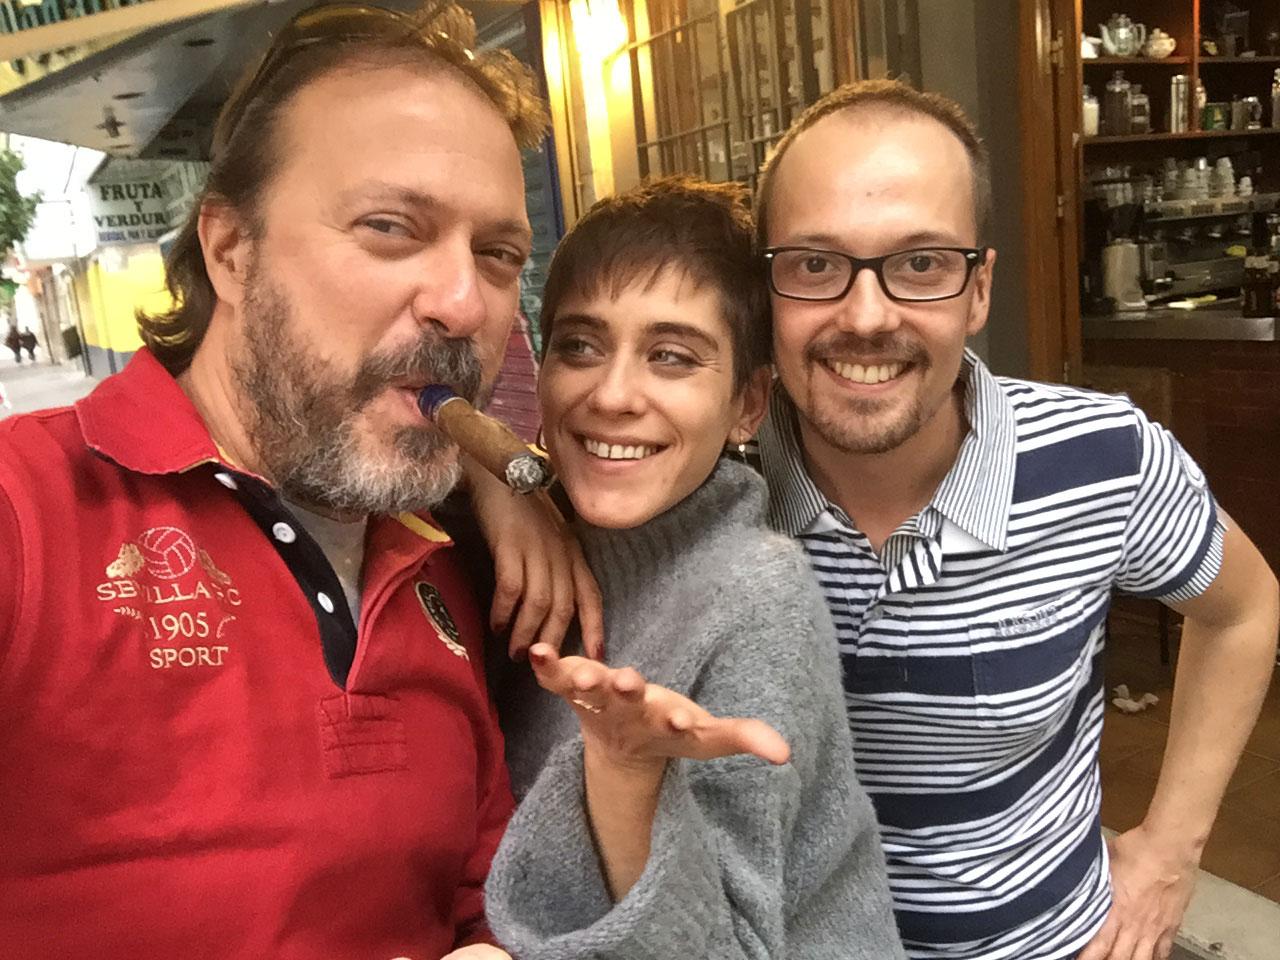 Antonio Jiménez-Riquelme (Editor de centrohistorico.info), María León (Actriz) y Miguel Campos.